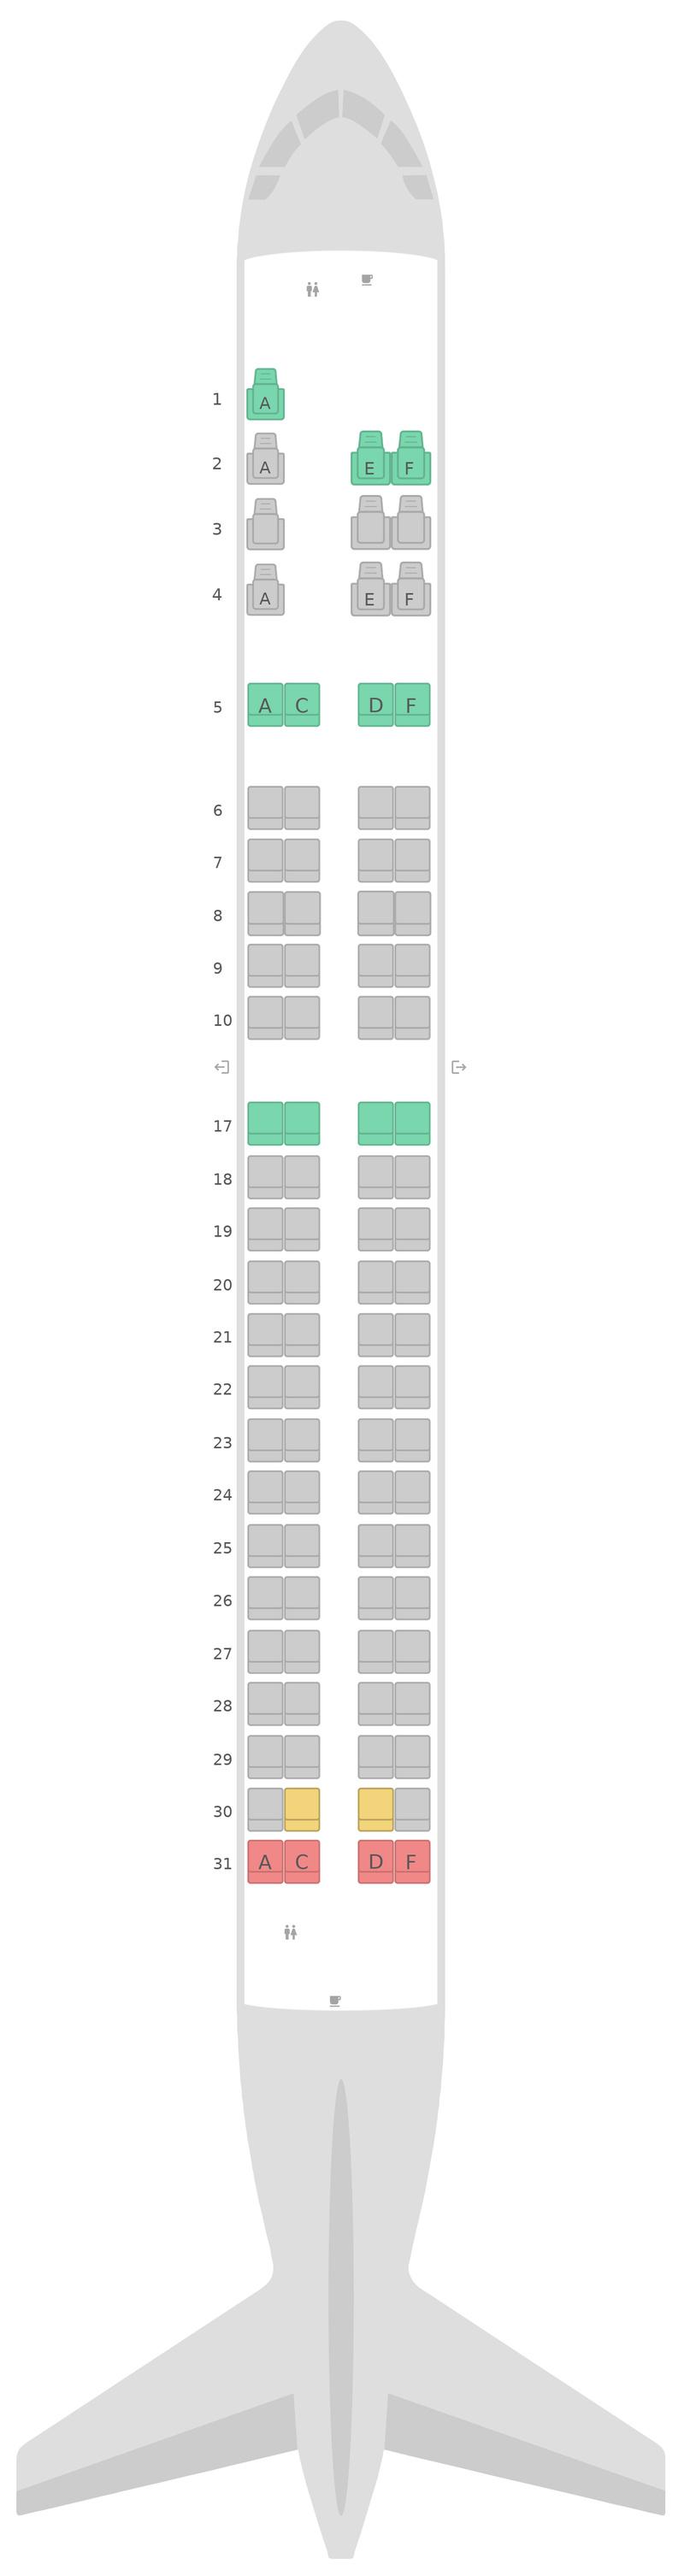 Mapa de asientos Embraer E190 (E90) v1 Copa Airlines